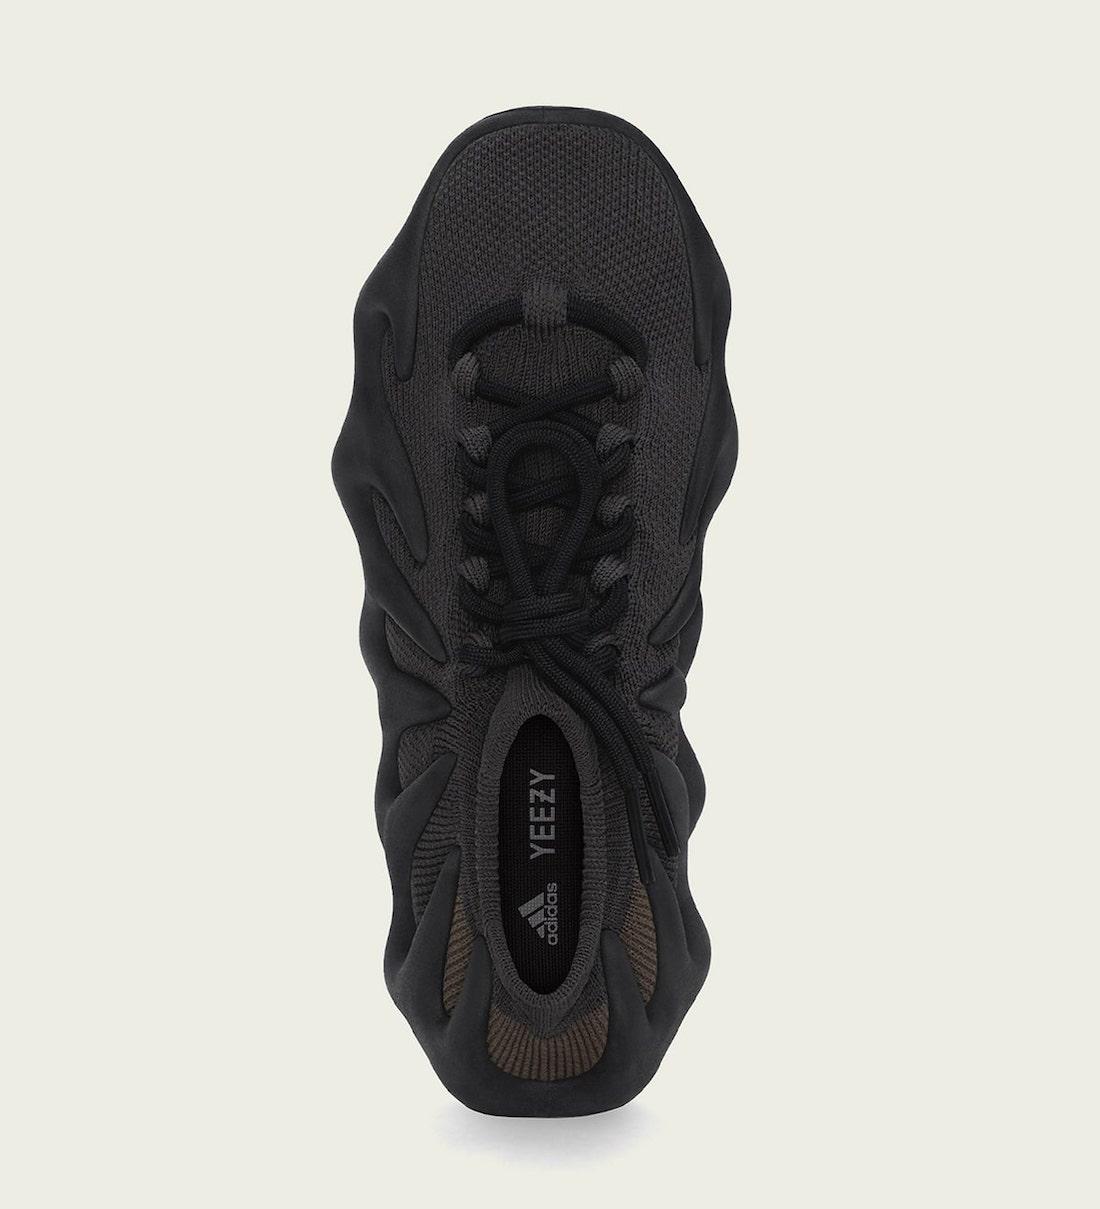 adidas Yeezy 450 Dark Slate GY5386 Release Info Price